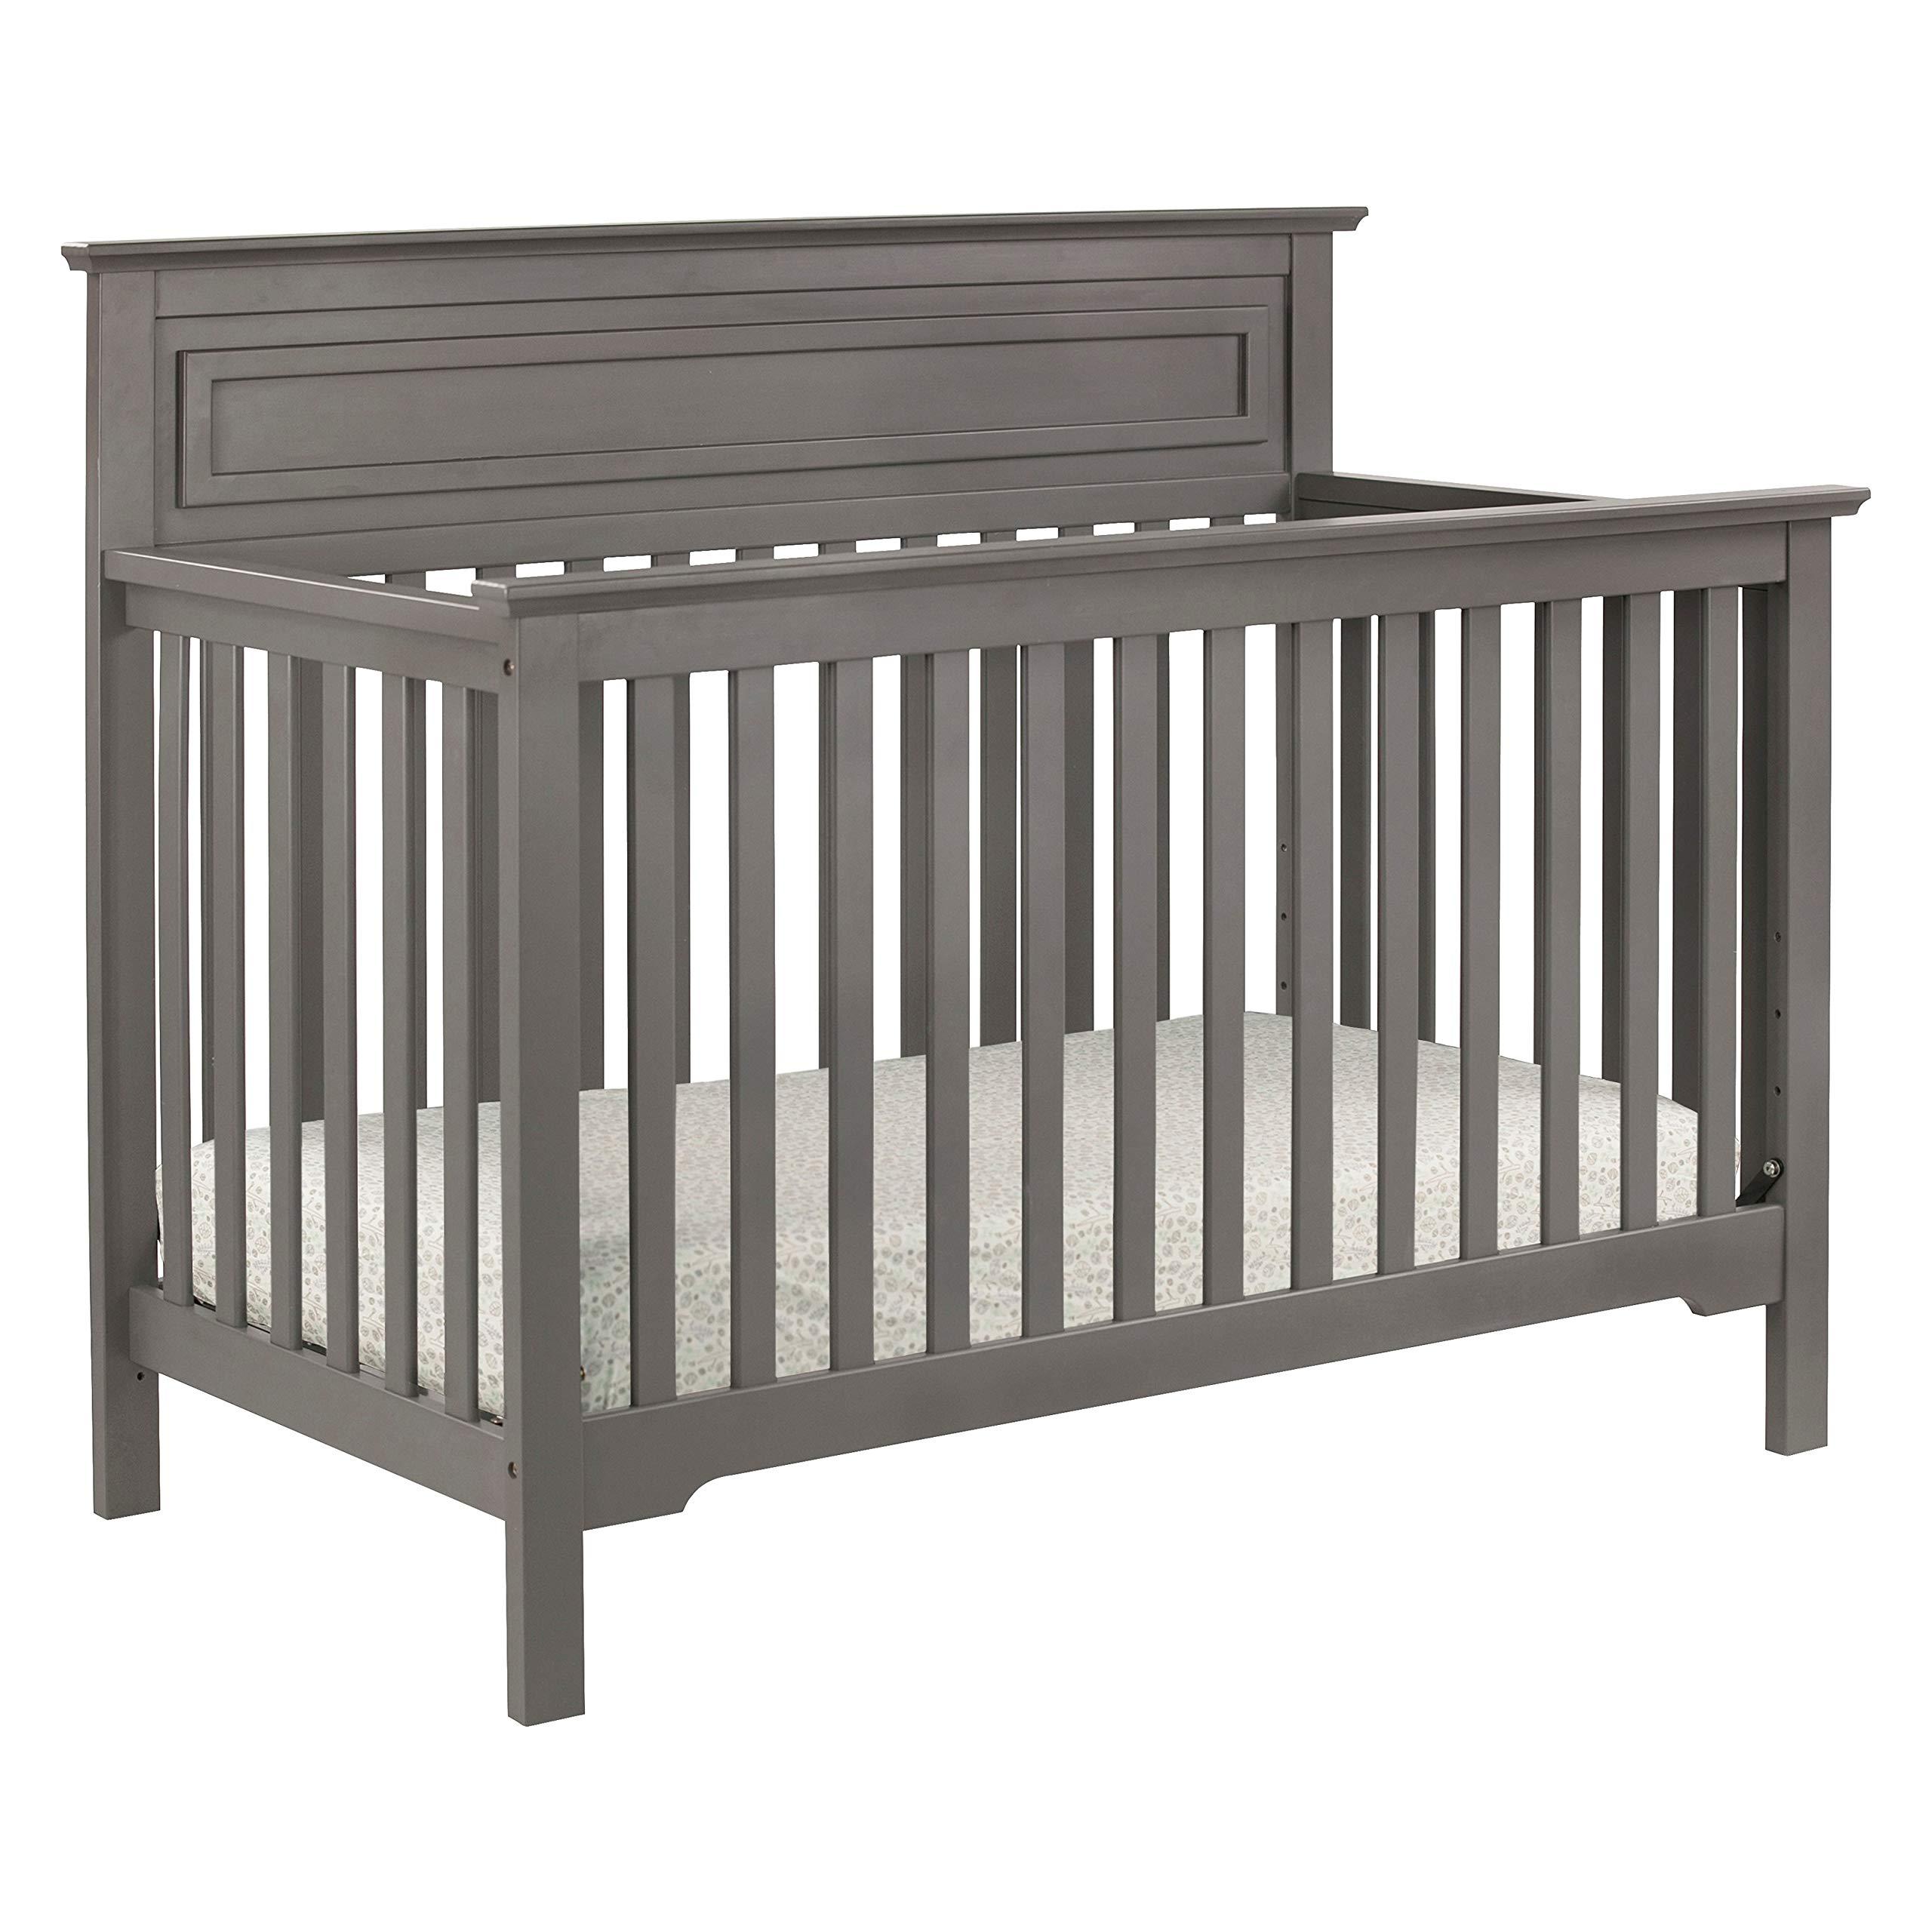 DaVinci Autumn Convertible Crib Slate